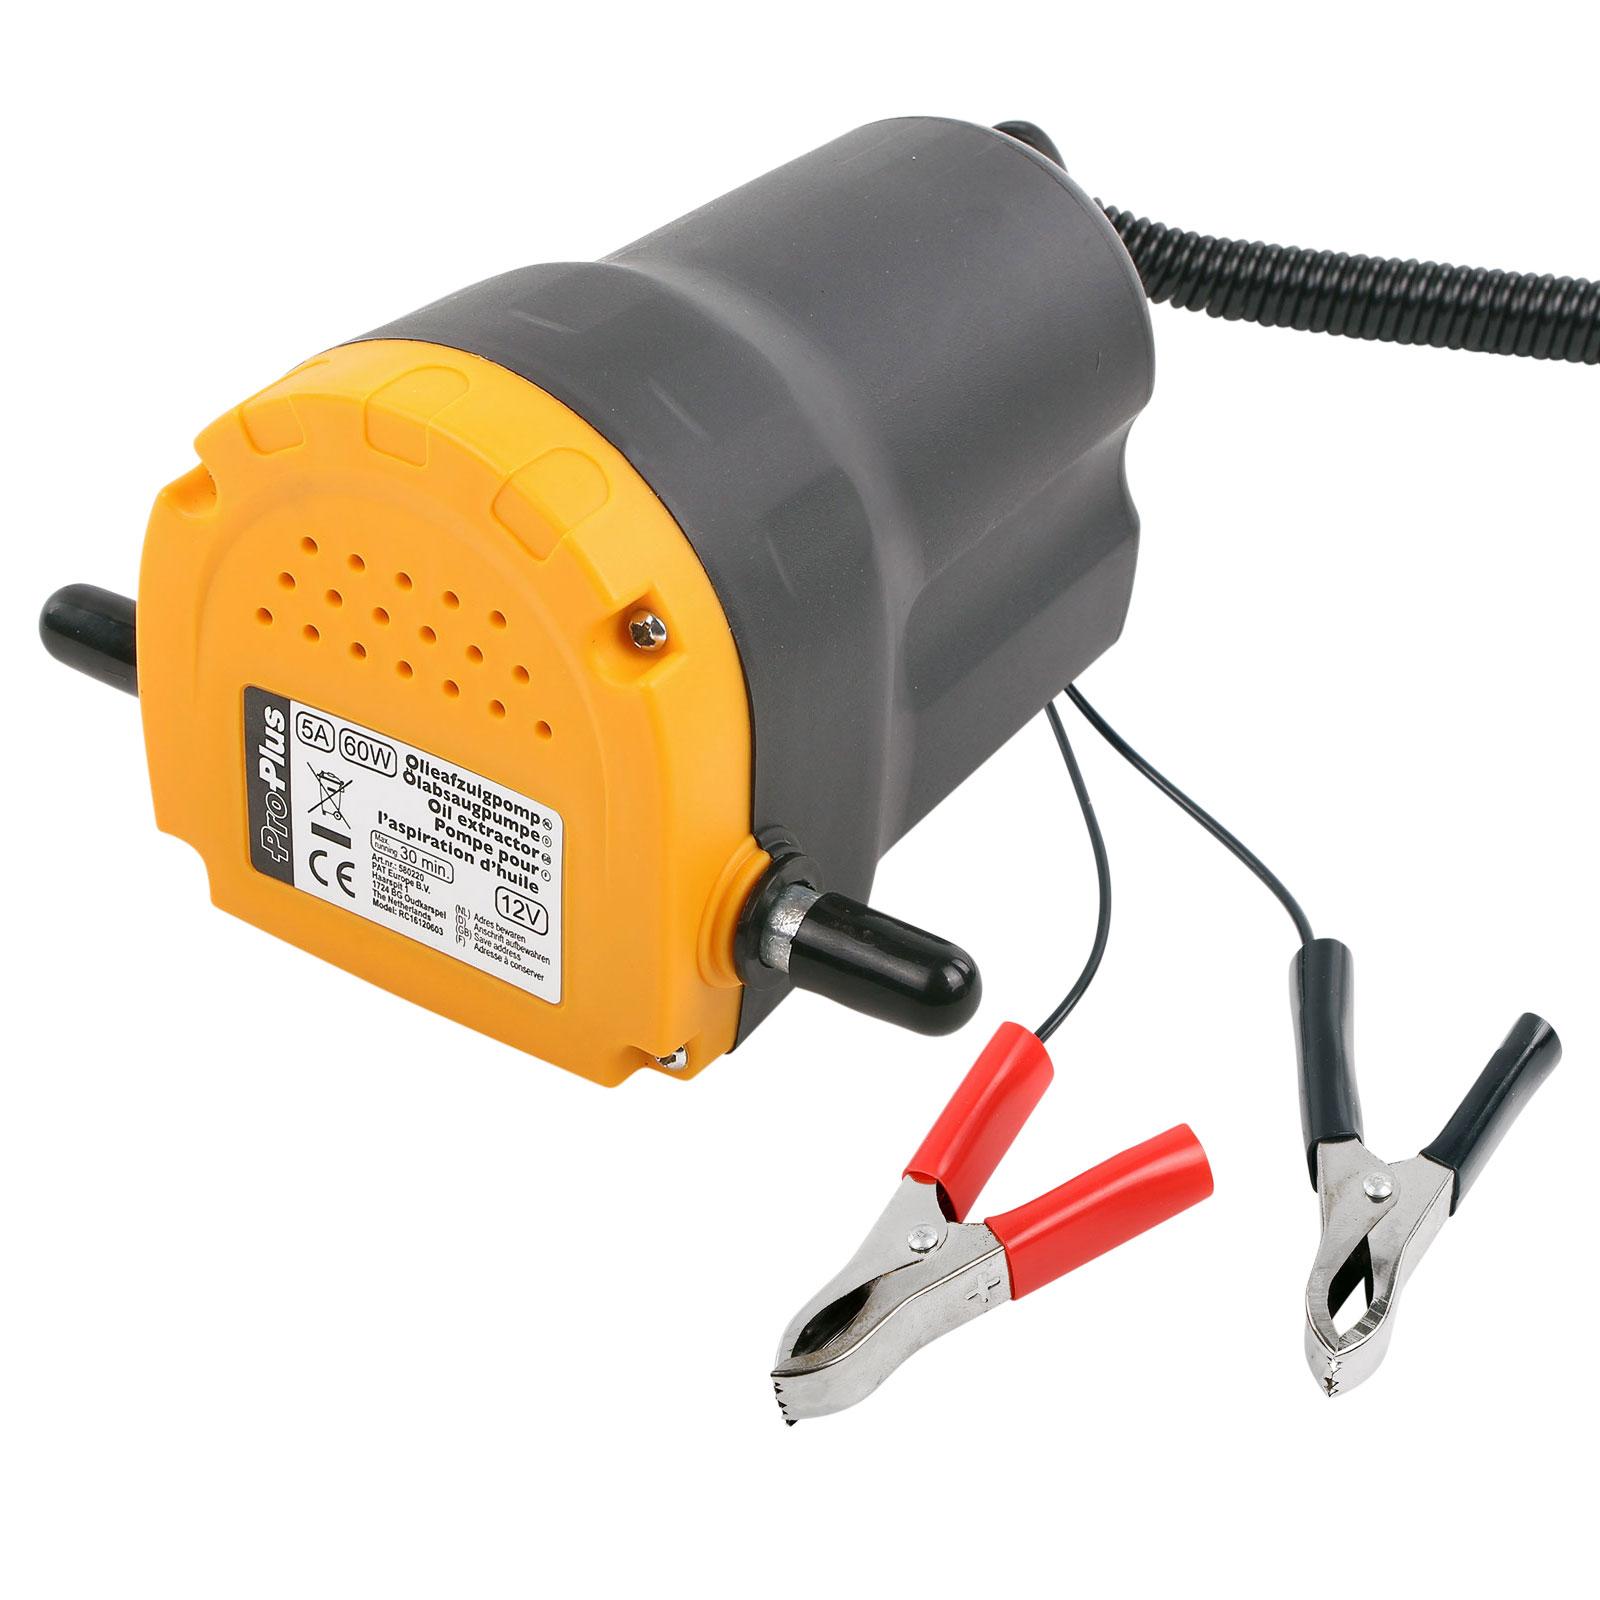 Ölpumpe 12 Volt 60 Watt 5A Messinglamellen 3 Ltr pro Minute Absaugpumpe